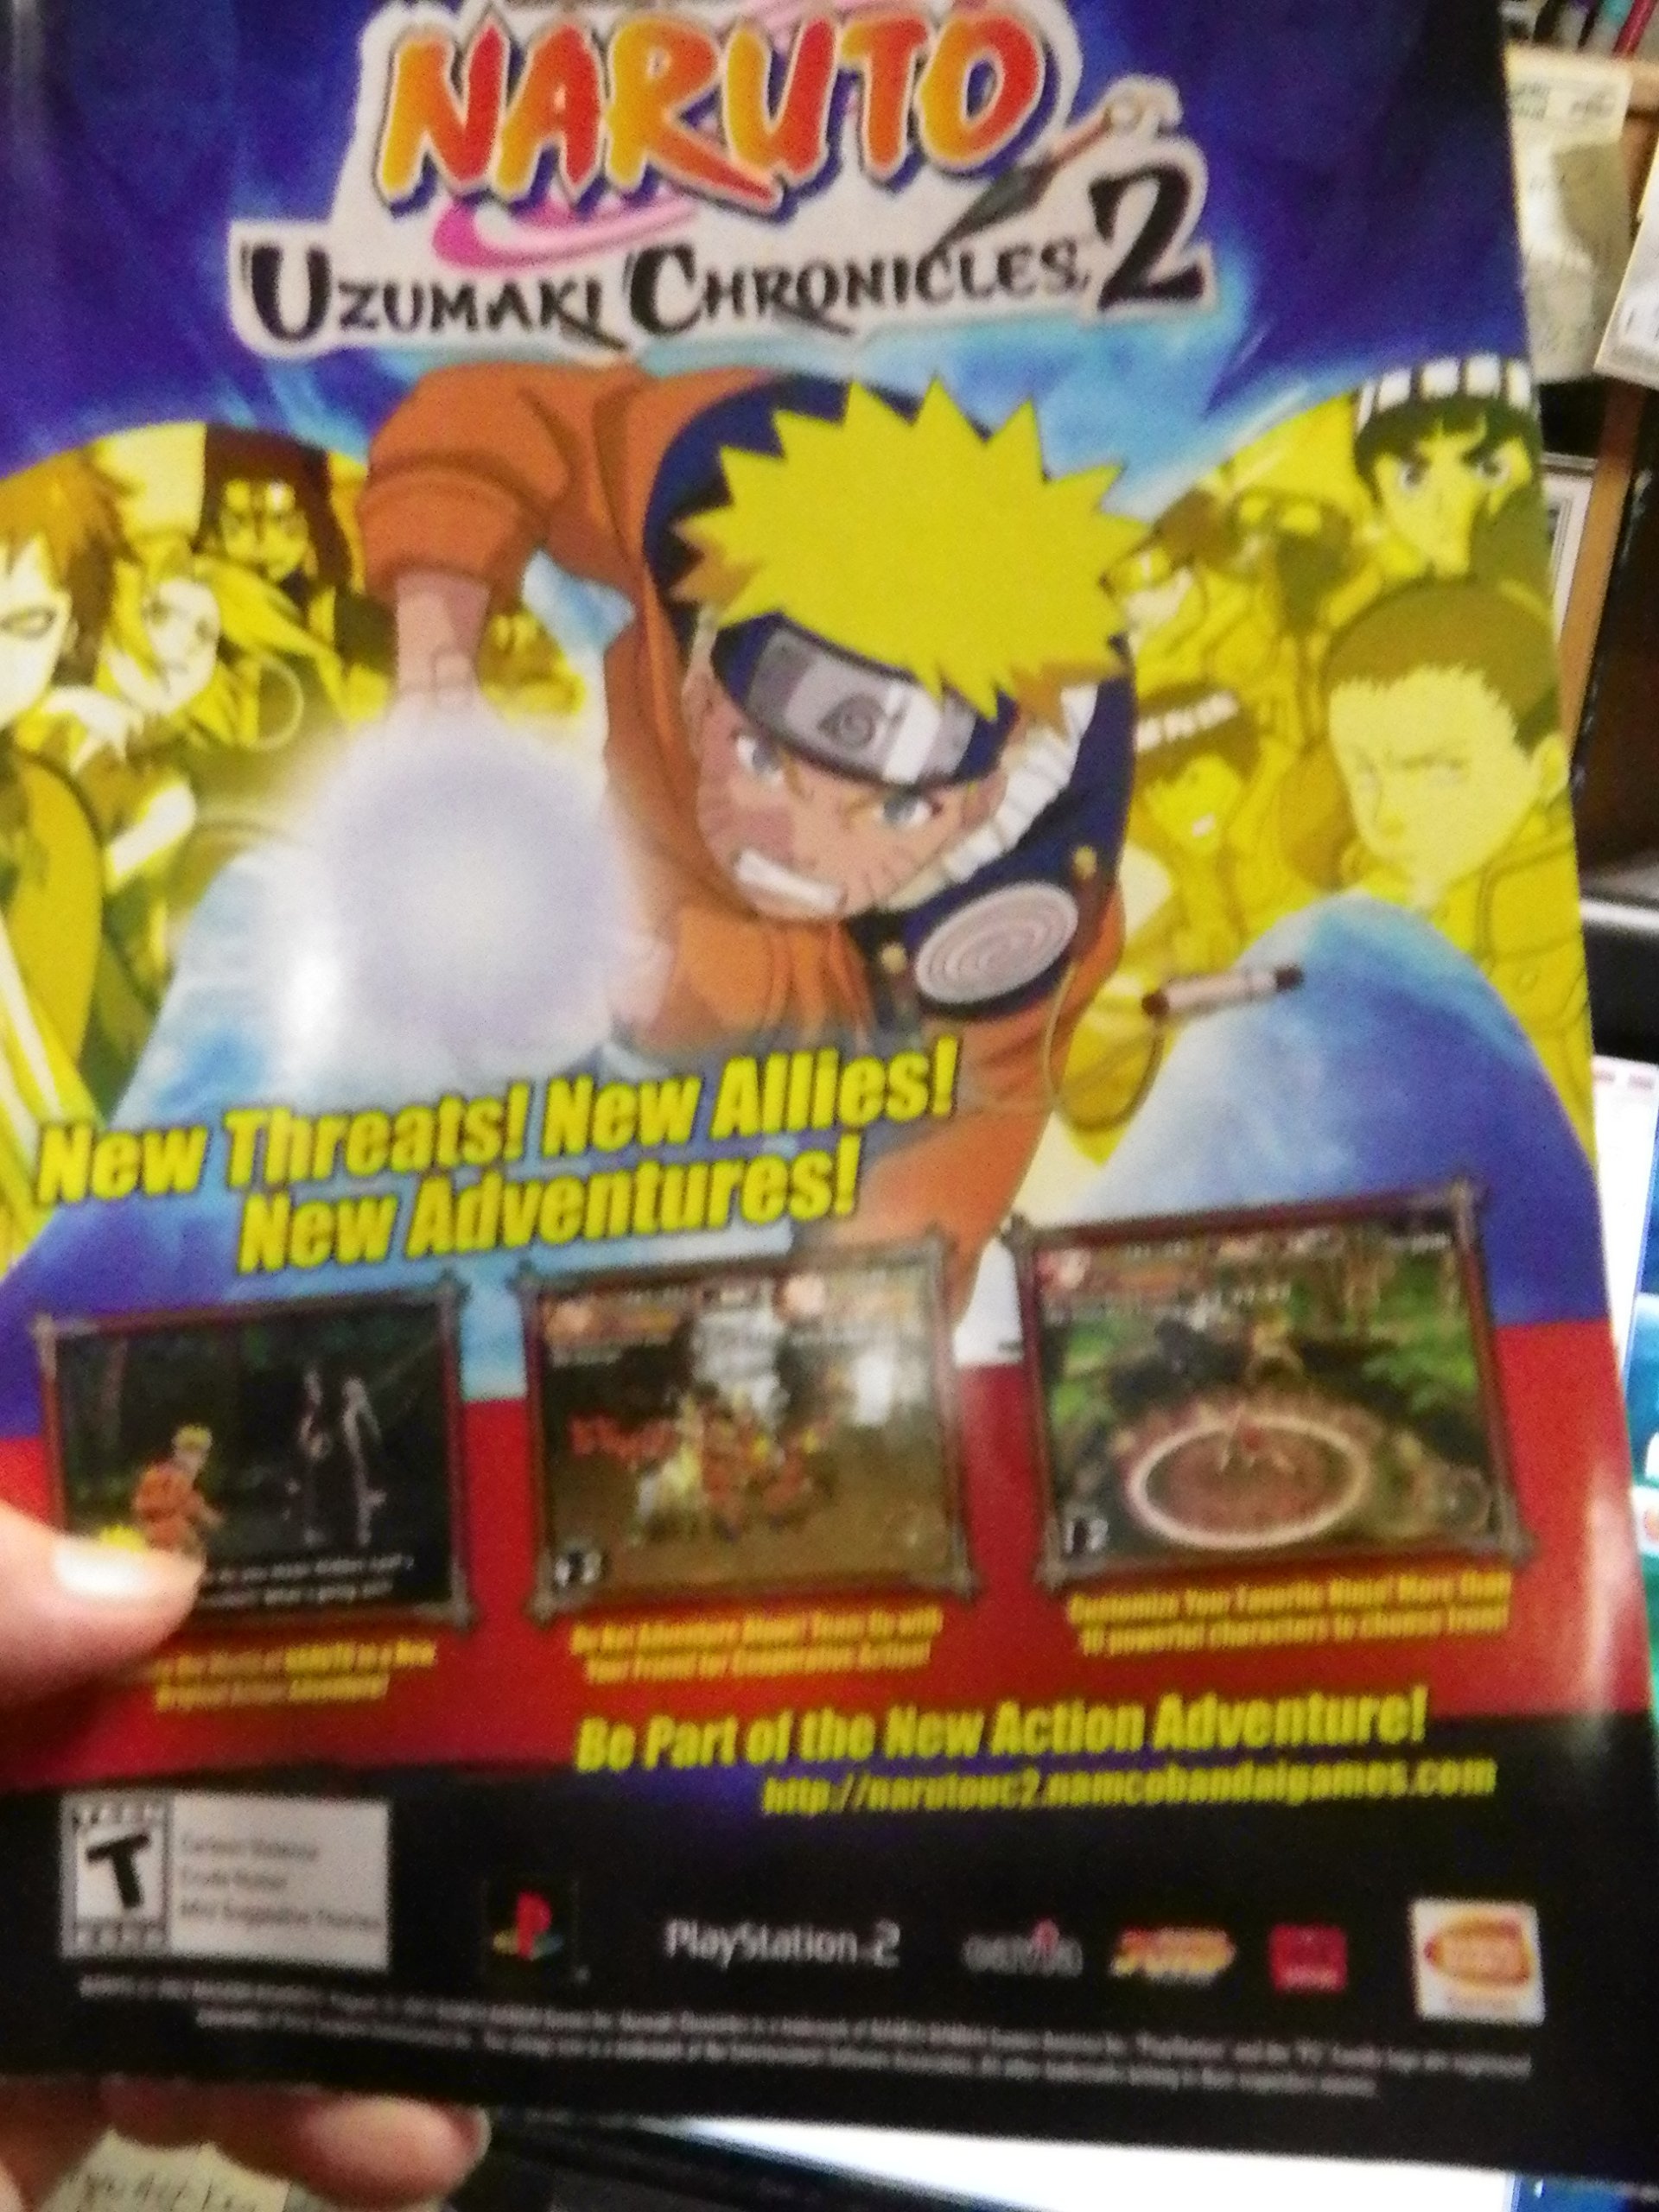 306e1772d41 Shonen Jump Naruto Uzumaki Chronicles 2, November 2007, Volume 5, Issue 11  Single Issue Magazine – 2007